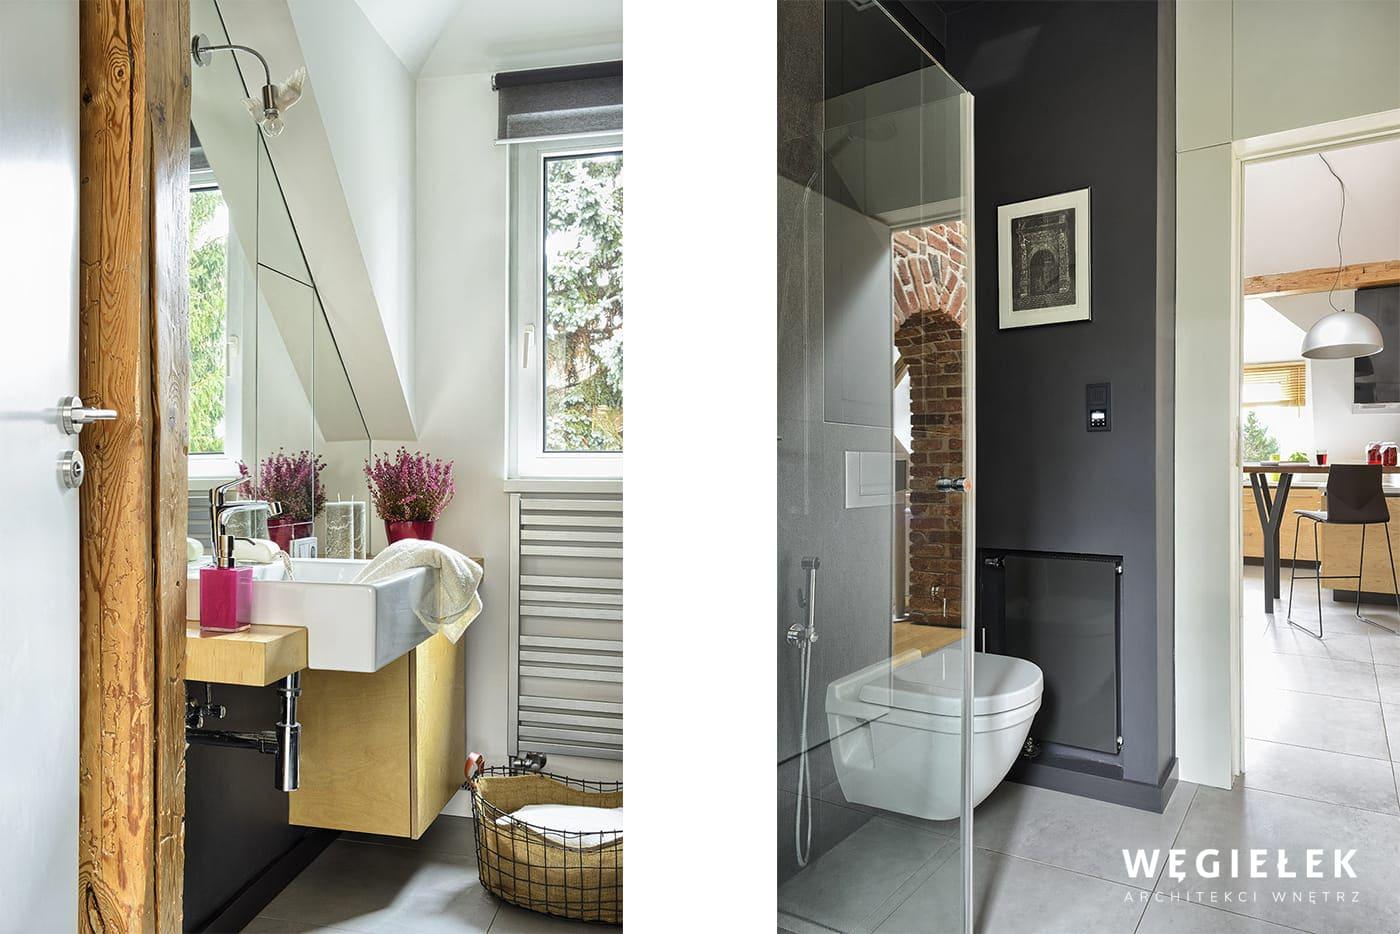 Łazienka na poddaszu jest niewielka, ale projektant wnętrza zadbał o to, żeby była ładna i funkcjonalna. W dodatku jest widna, bo posiada sporej wielkości okno.